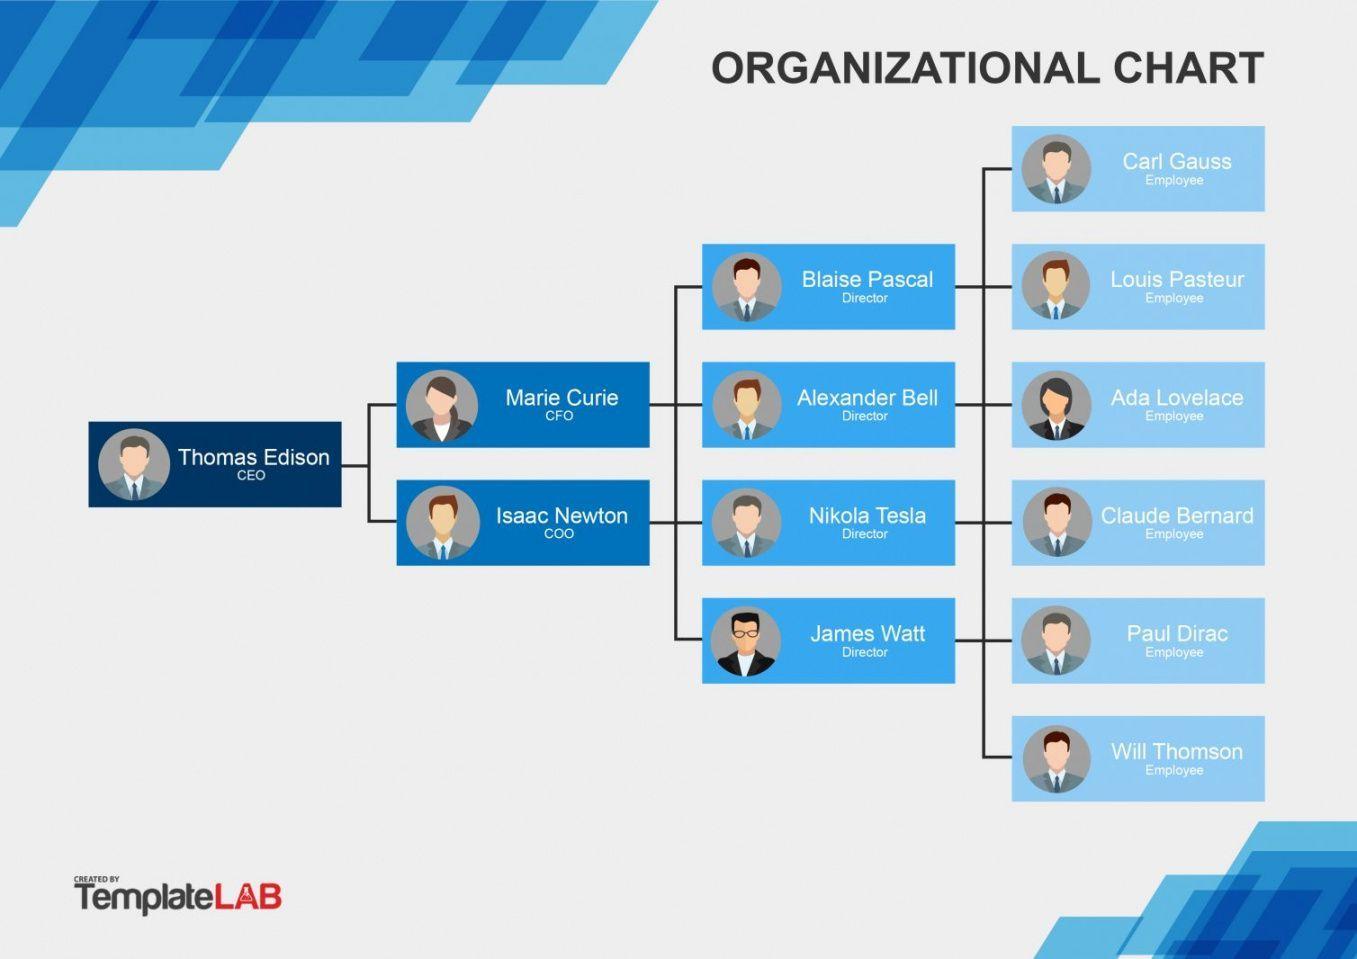 Management Organizational Chart Template Organizational Chart Org Chart Organization Chart Organizational chart template free download